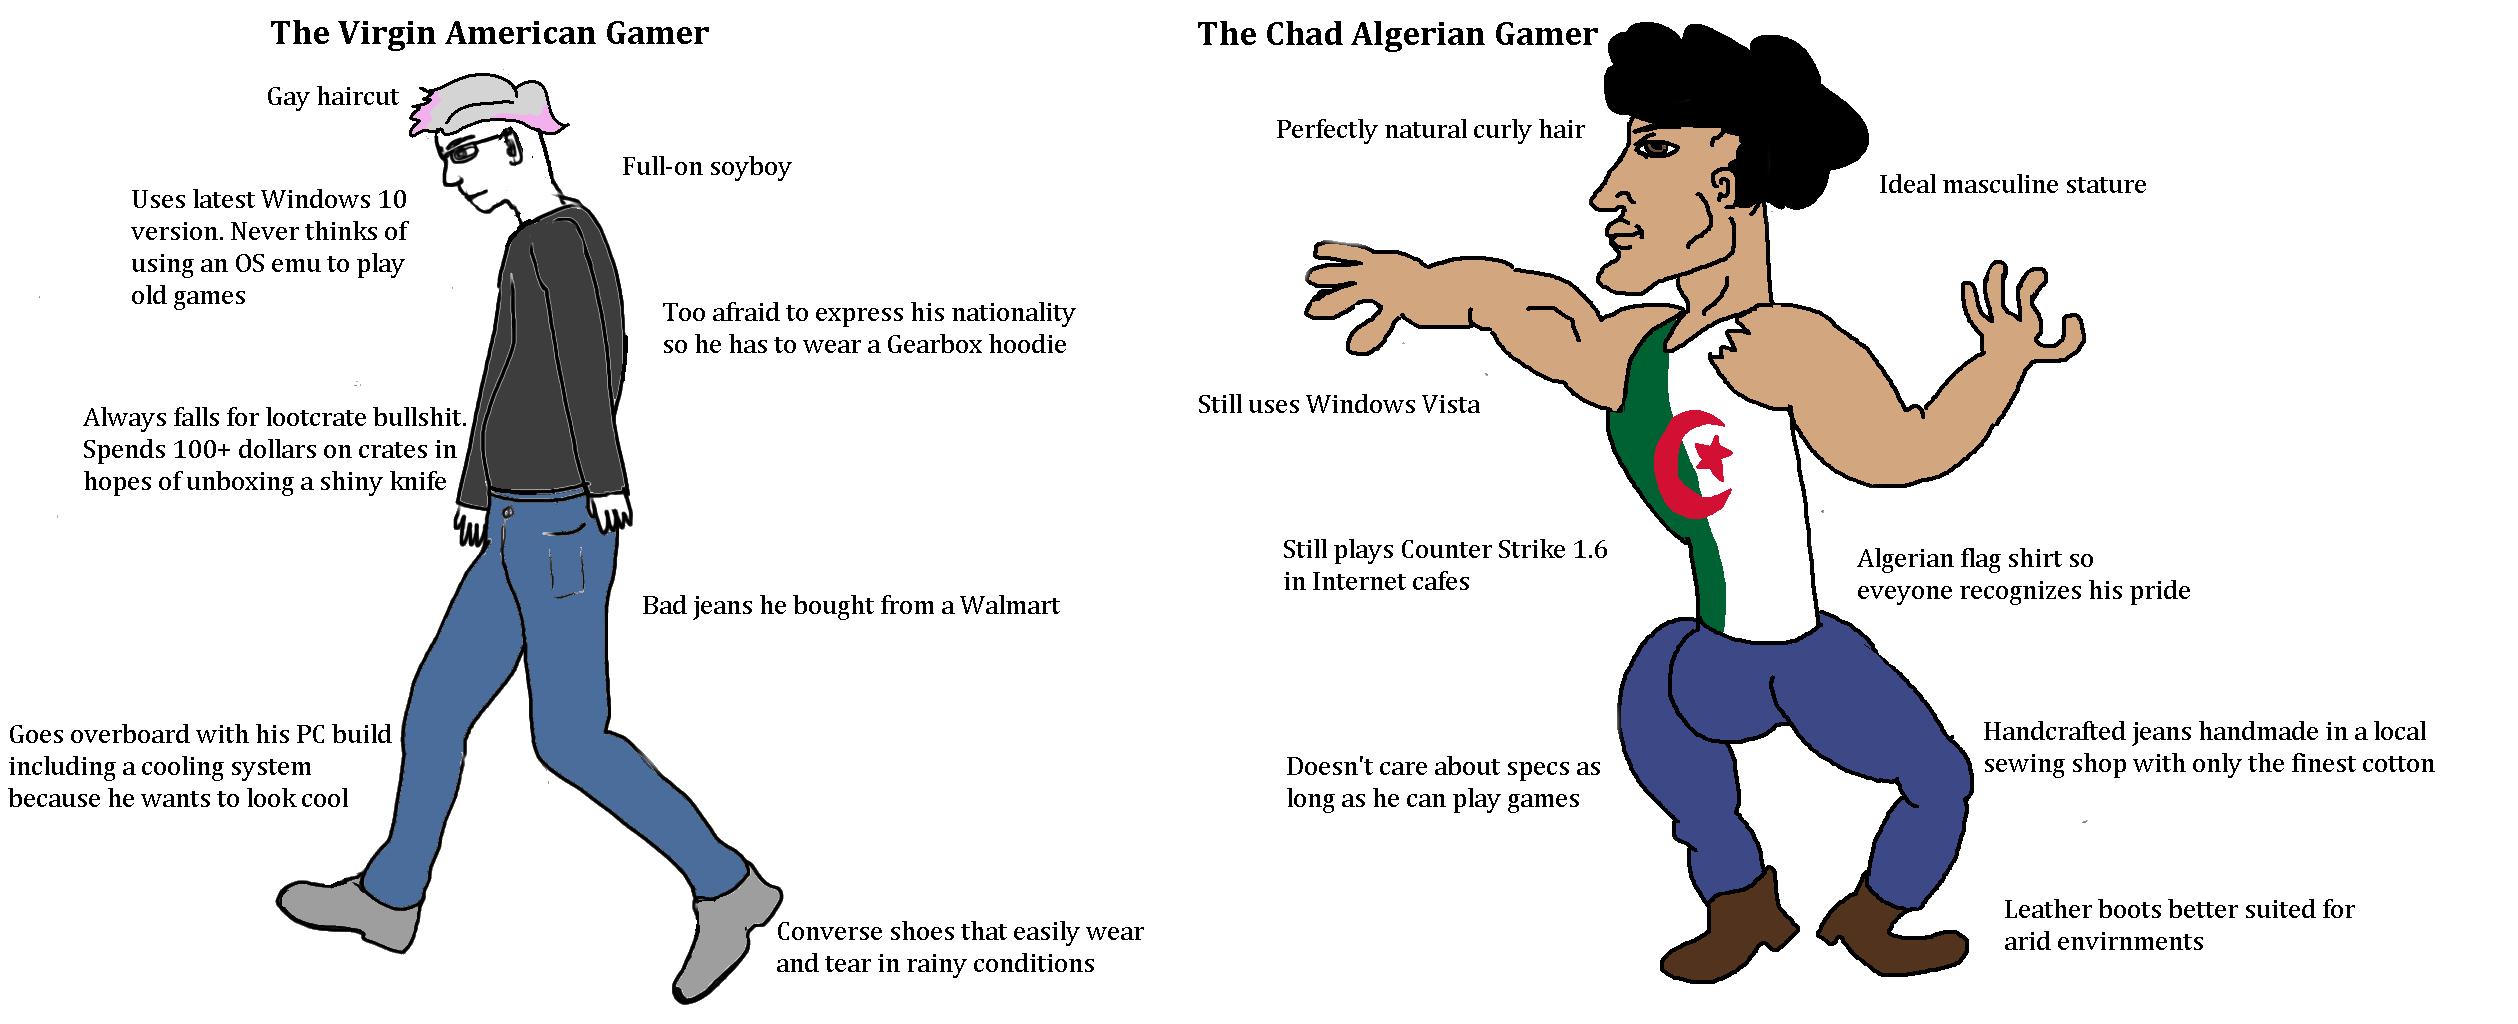 The Virgin American Gamer vs The Chad Algerian Gamer ...